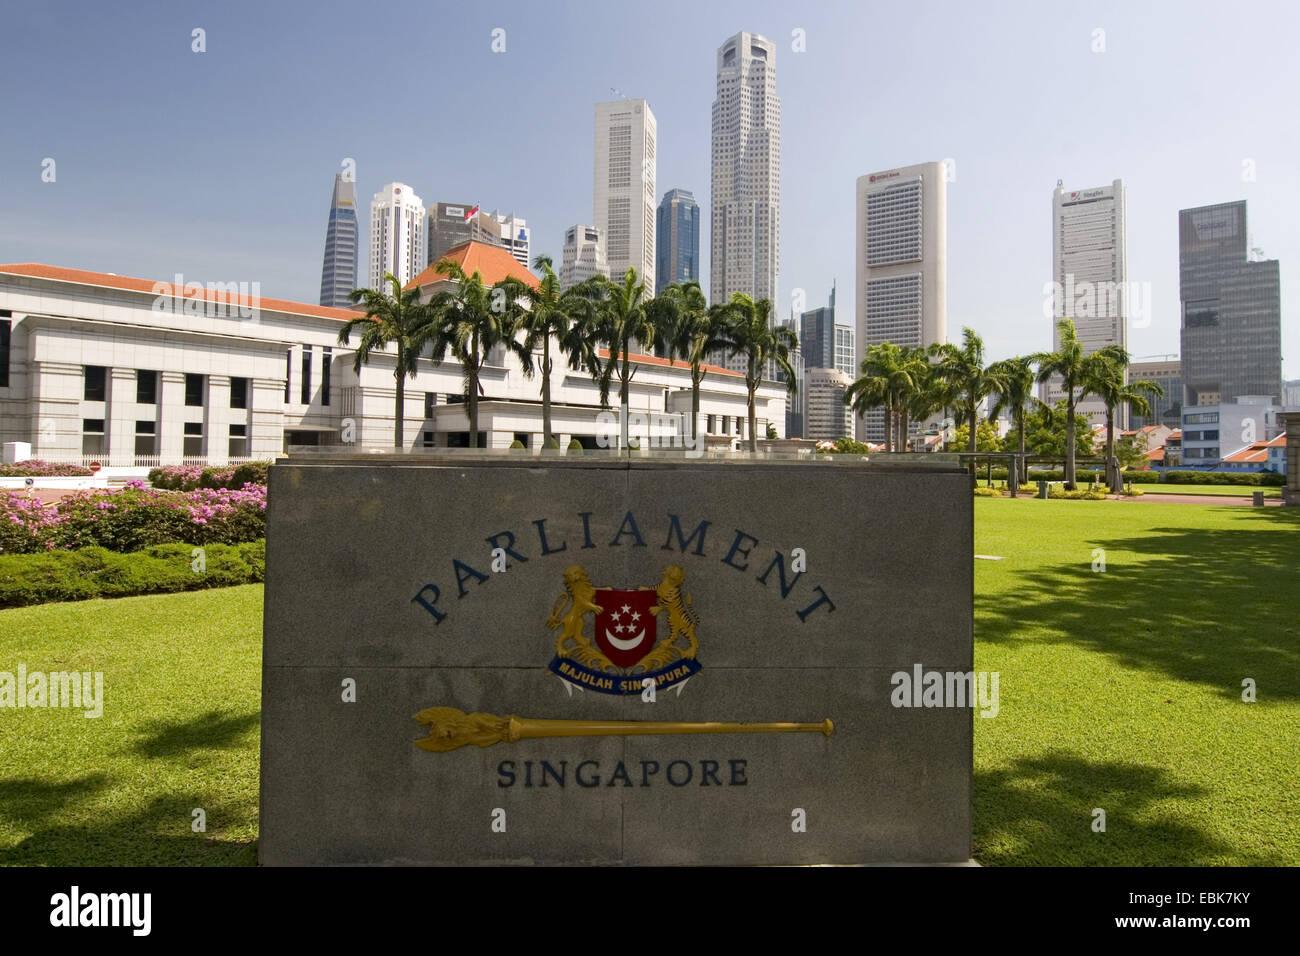 L'édifice législatif de Singapour en face de Skyline, Singapour Banque D'Images